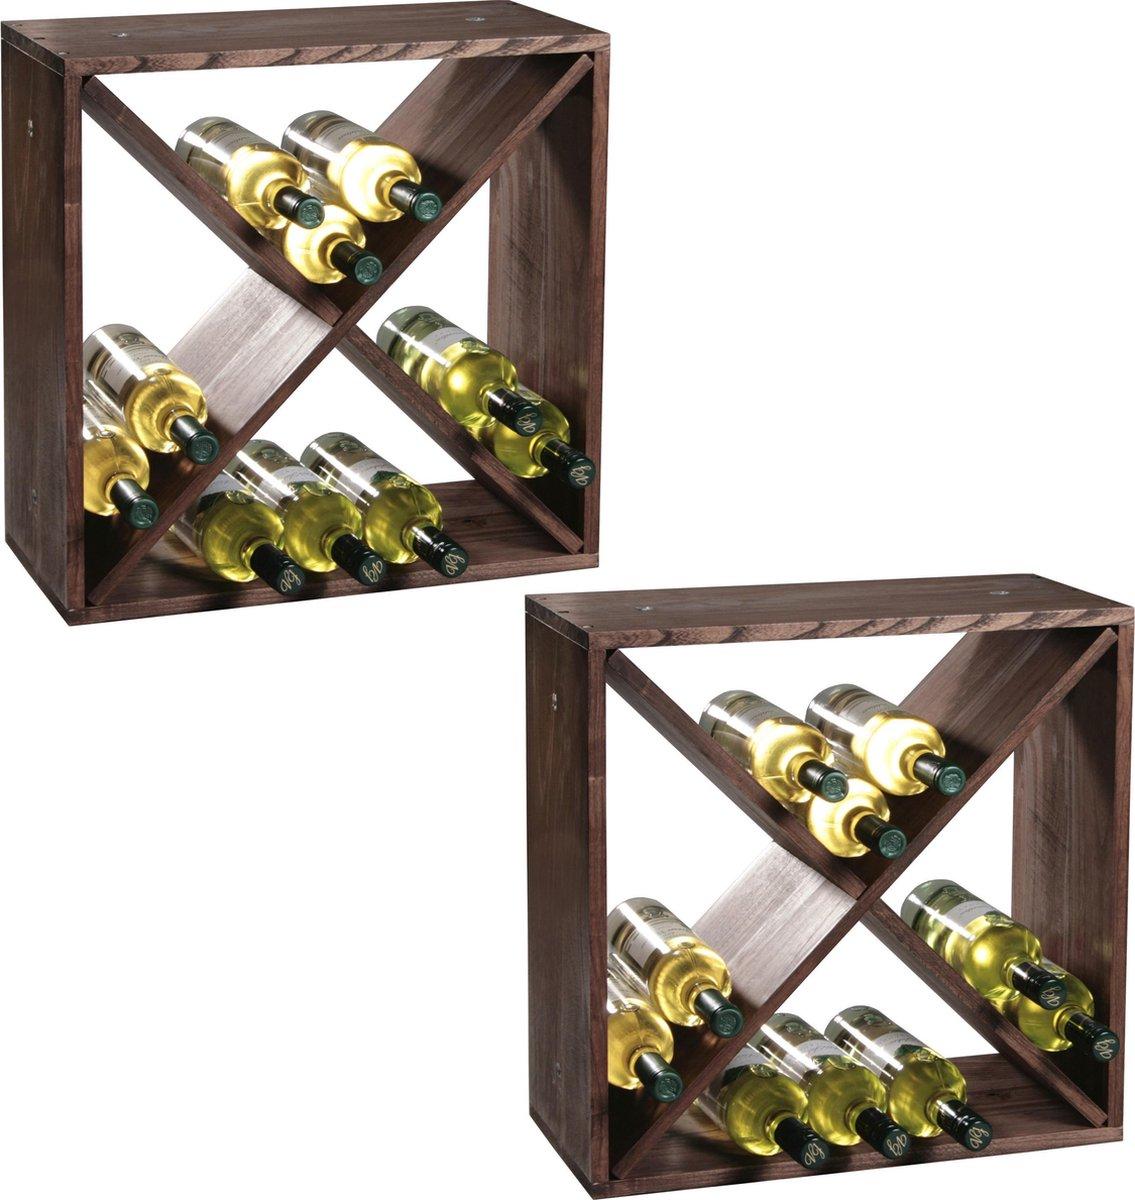 2x Houten wijnflessen rekken/wijnrekken vierkant voor 48 flessen 25 x 50 x 50 cm - Woonaccessoires/decoratie - Wijnflesrek/wijnrek